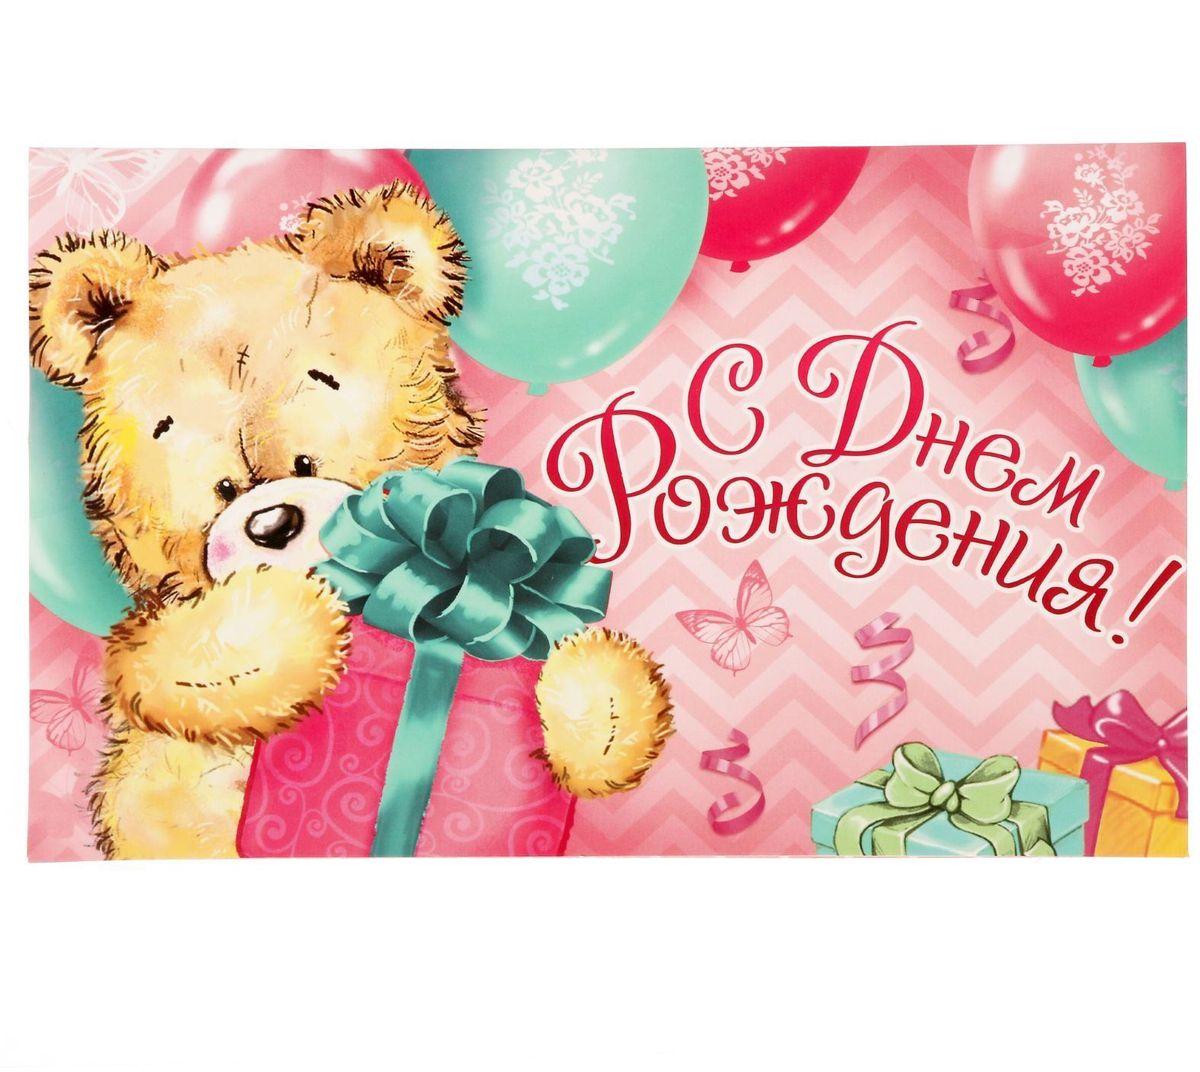 Открытка объемная Дарите cчастье С Днем Рождения!, 19 х 12 смTHN132NХотите удивить своих близких необычным поздравлением? Объемная открытка вам в этом поможет. Внутри неё — волшебный мир детства и праздника. Рисованные персонажи будто оживают прямо на глазах!Открытка, без сомнения, понравится получателю. Она не занимает много места в развёрнутом виде и очень компактна в сложенном